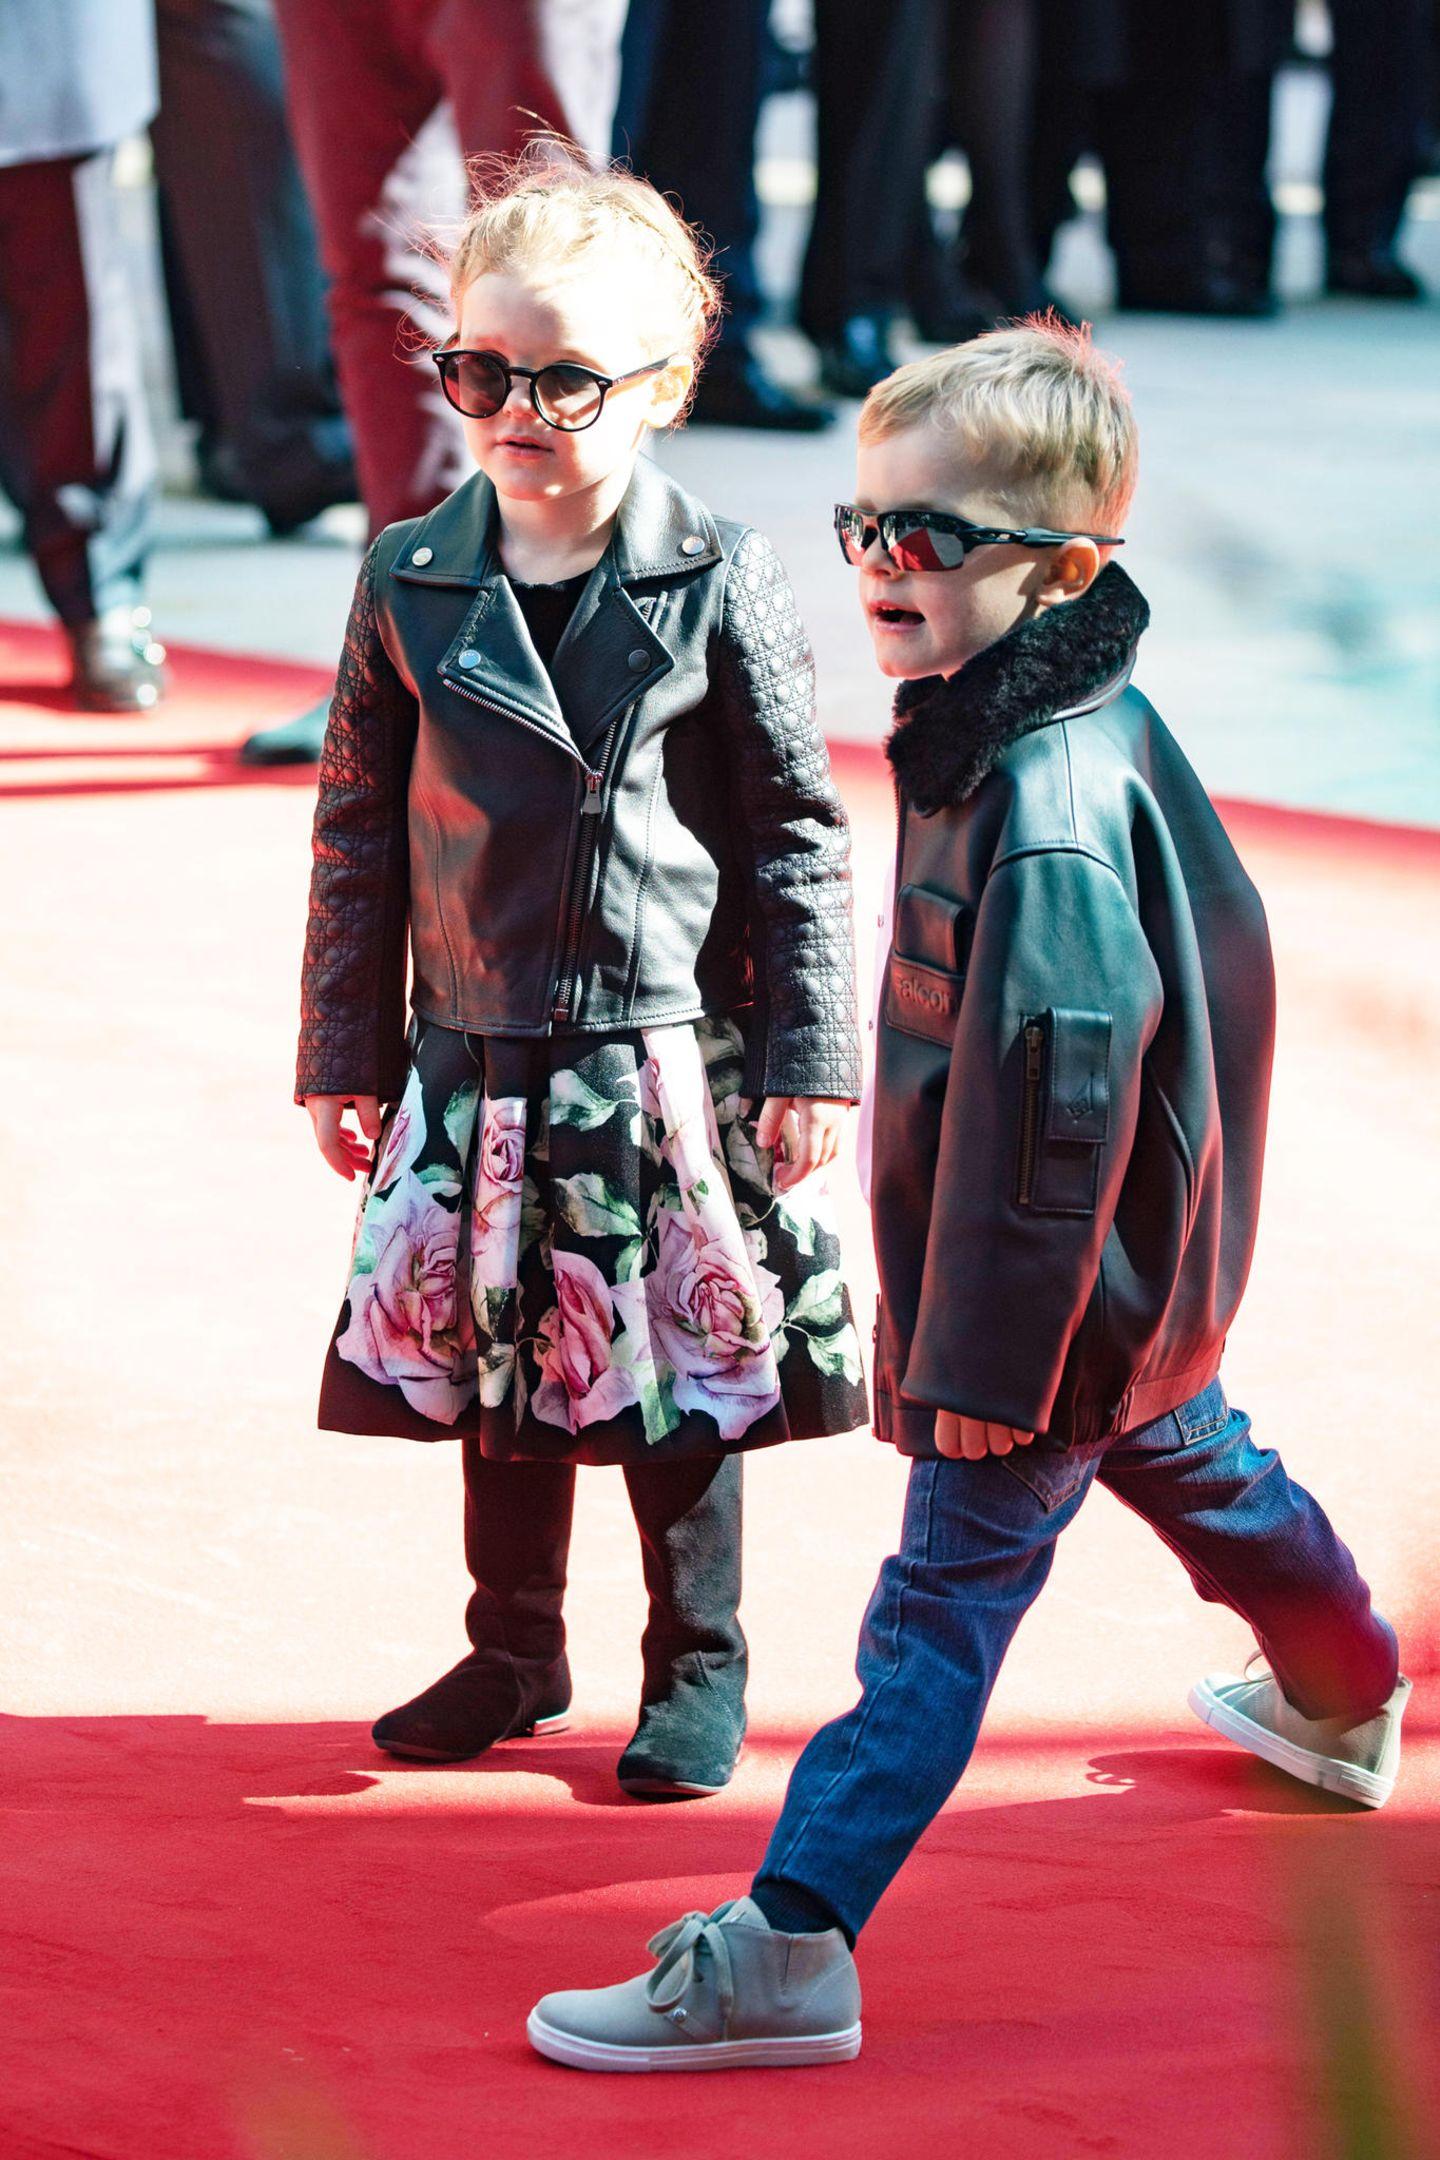 Bei der Eröffnung eines Konferenzzentrums in Monte-Carlo bezaubern Prinzessin Gabriella und Prinz Jaques in lässigen Rocker-Outfits.